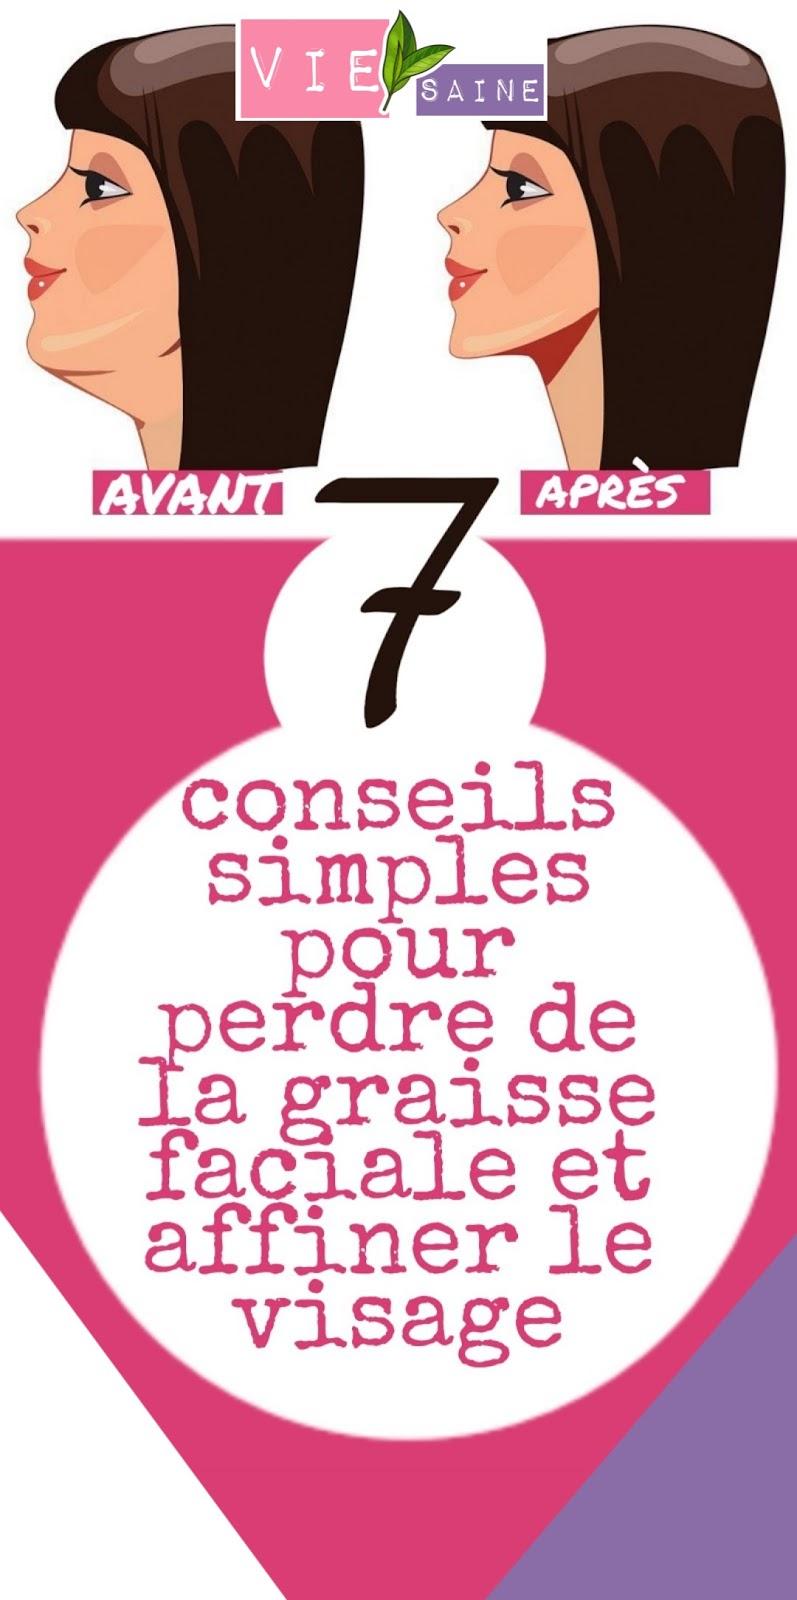 7 conseils simples pour perdre de la graisse faciale et affiner le visage